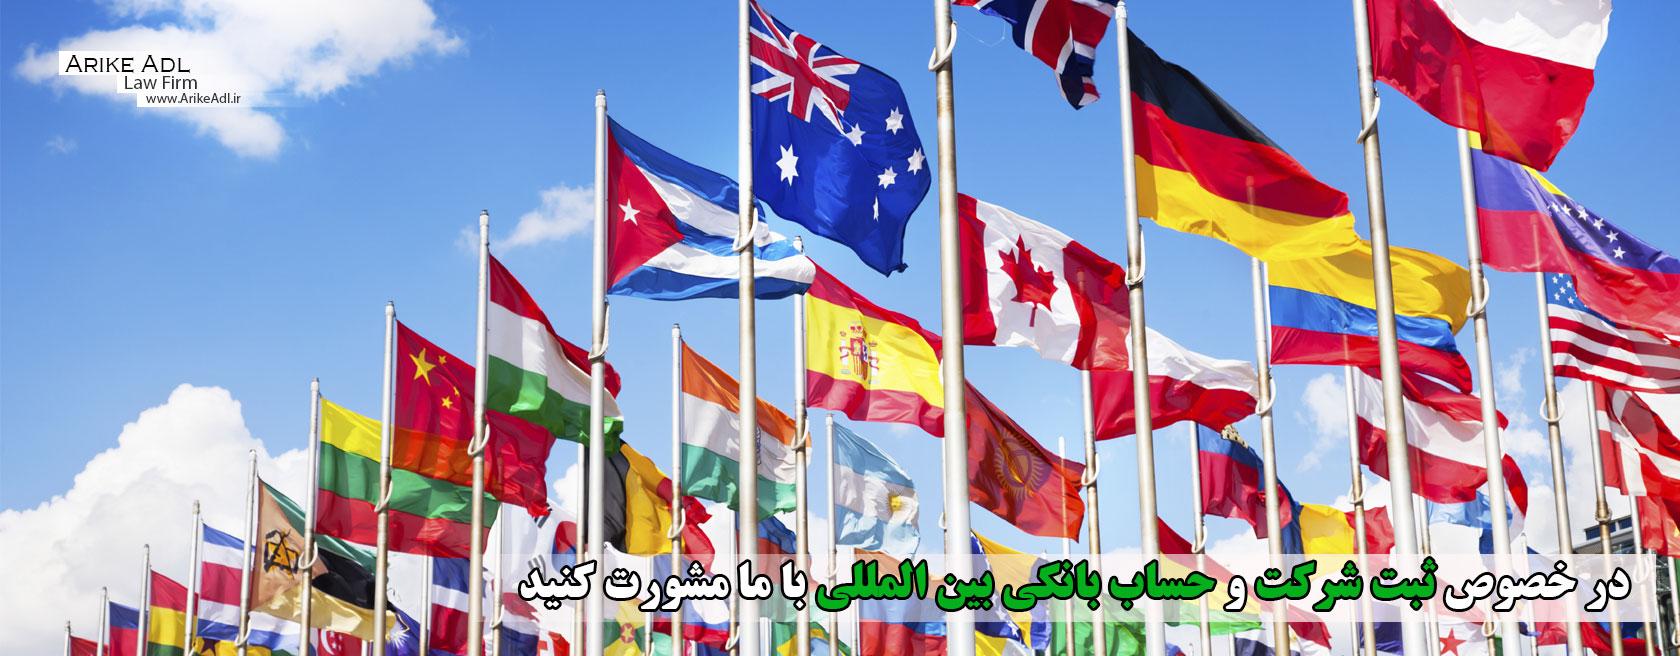 ثبت شرکت بین المللی و افتتاح حساب بانکی بین المللی